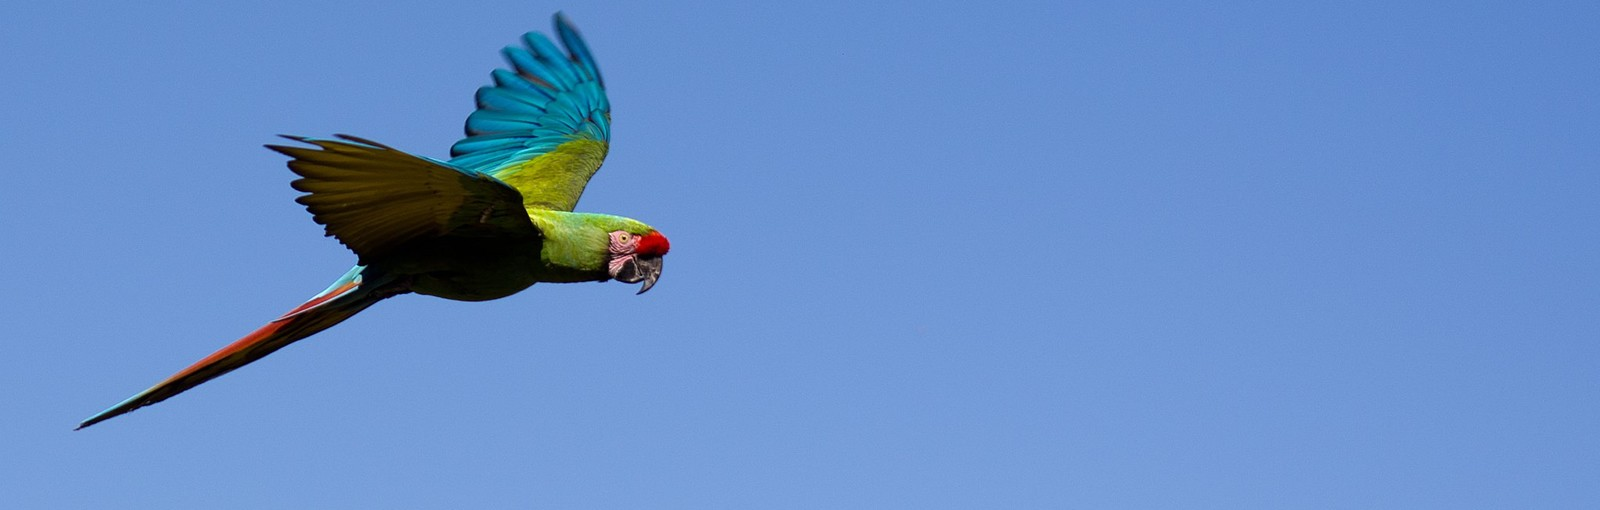 Vol de Perroquet